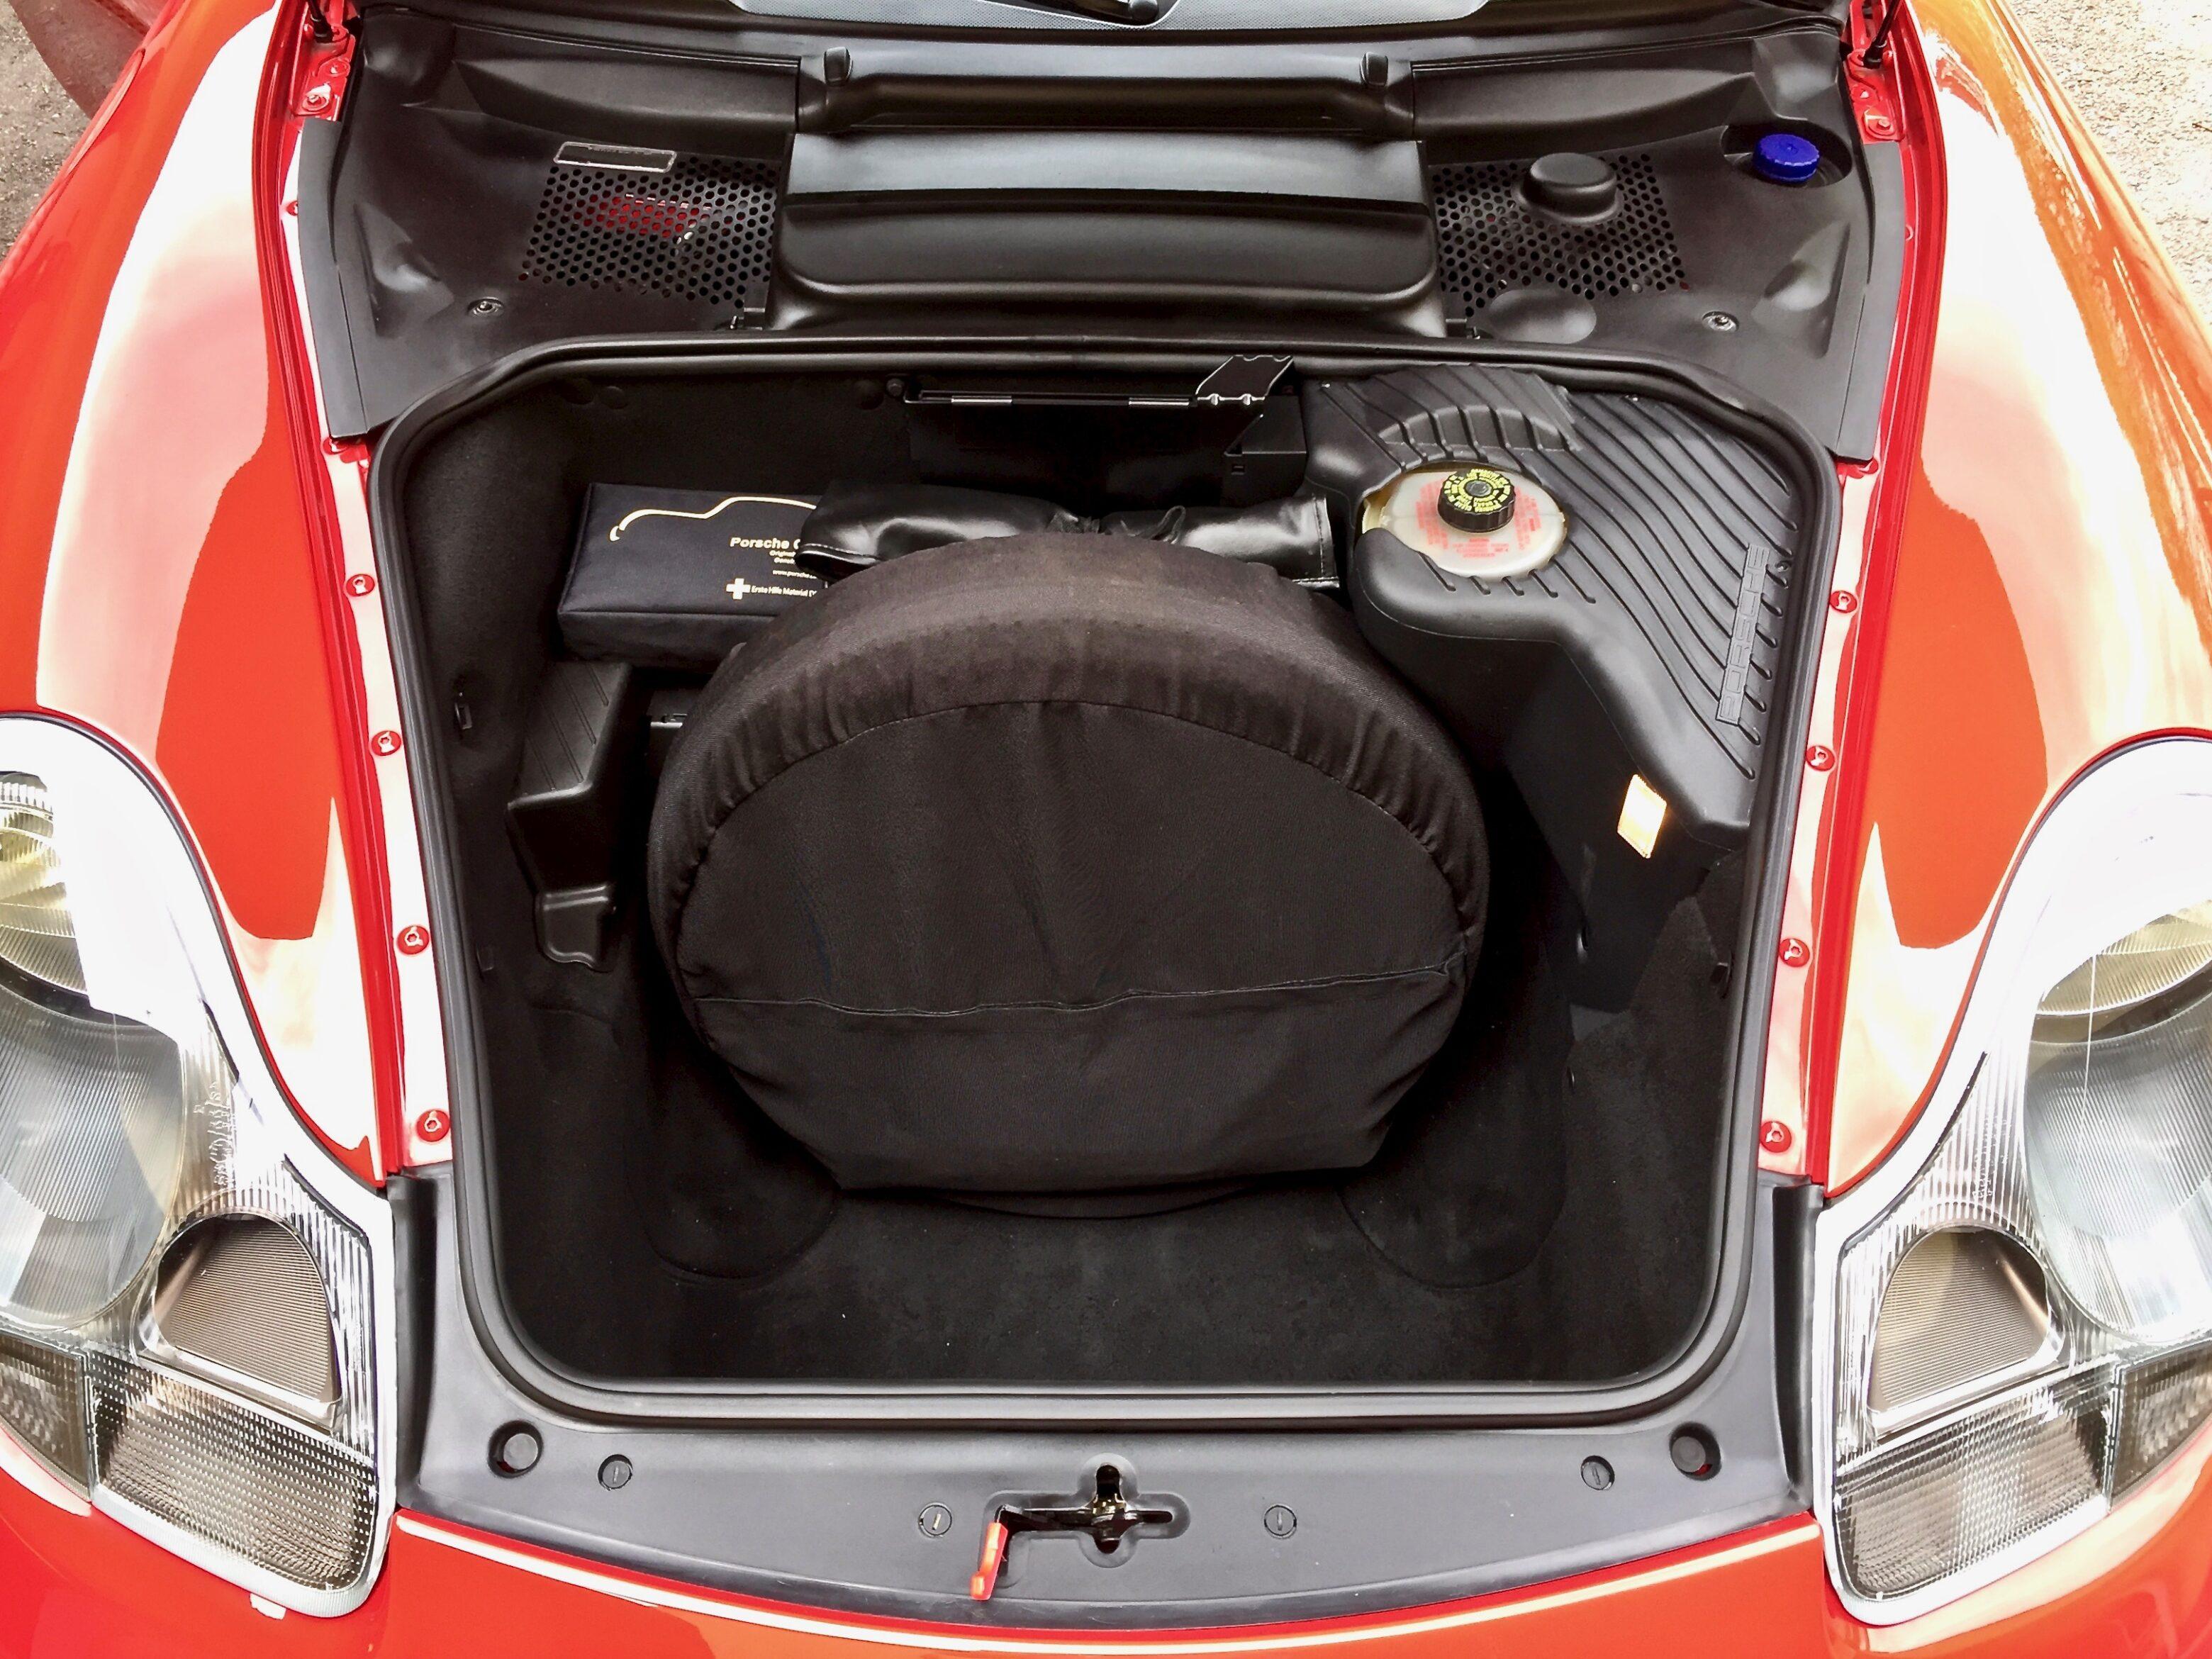 Myytävänä Porsche Boxster etuluukku